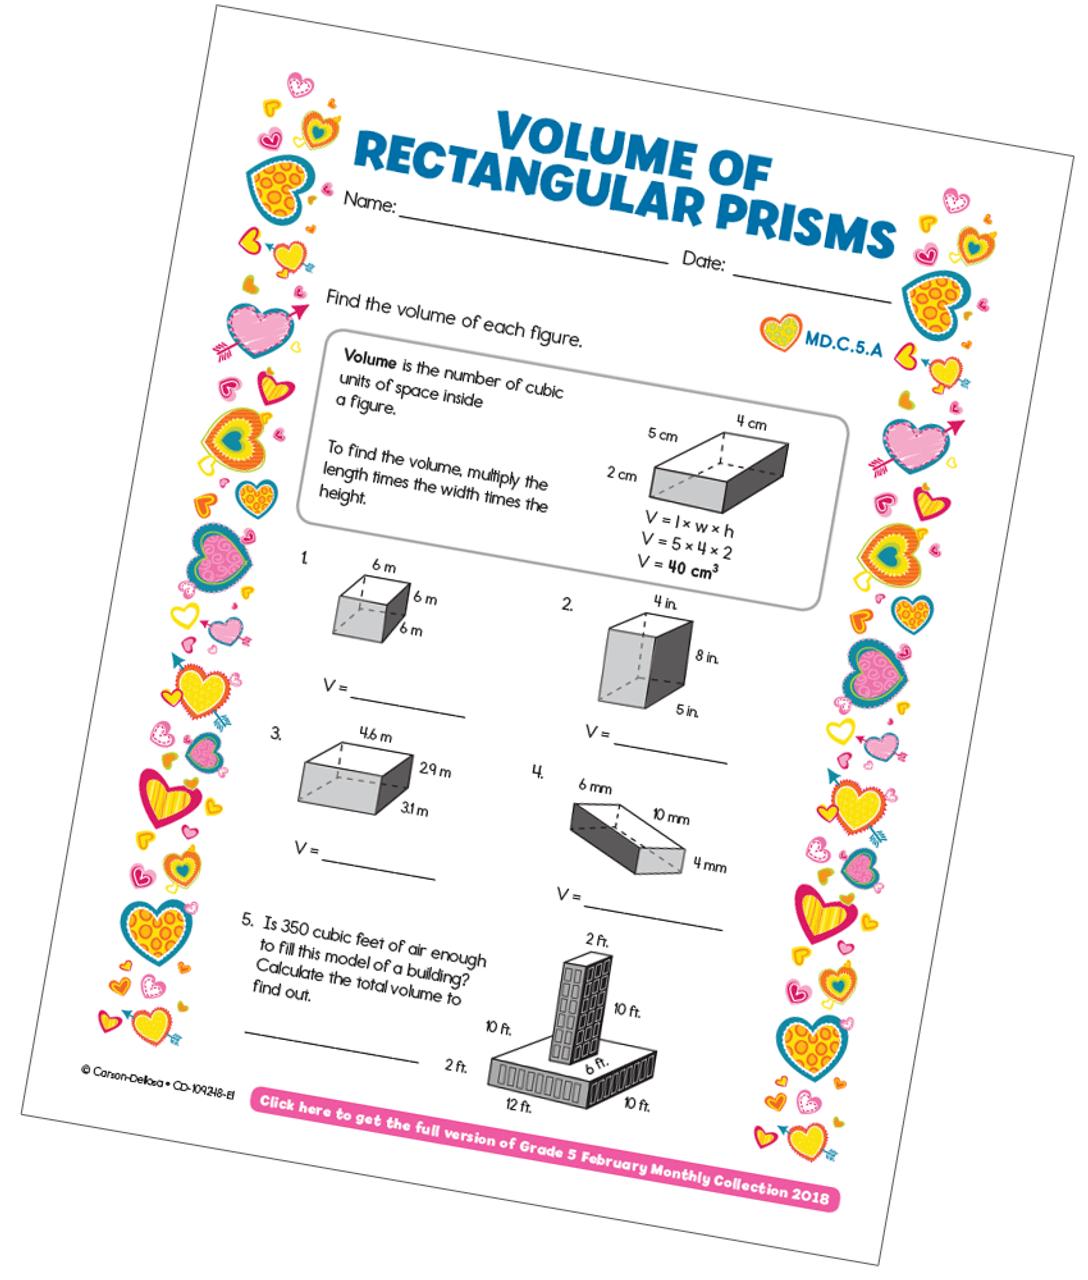 Volume of Rectangular Prisms Free Printable   Carson Dellosa [ 1280 x 1088 Pixel ]